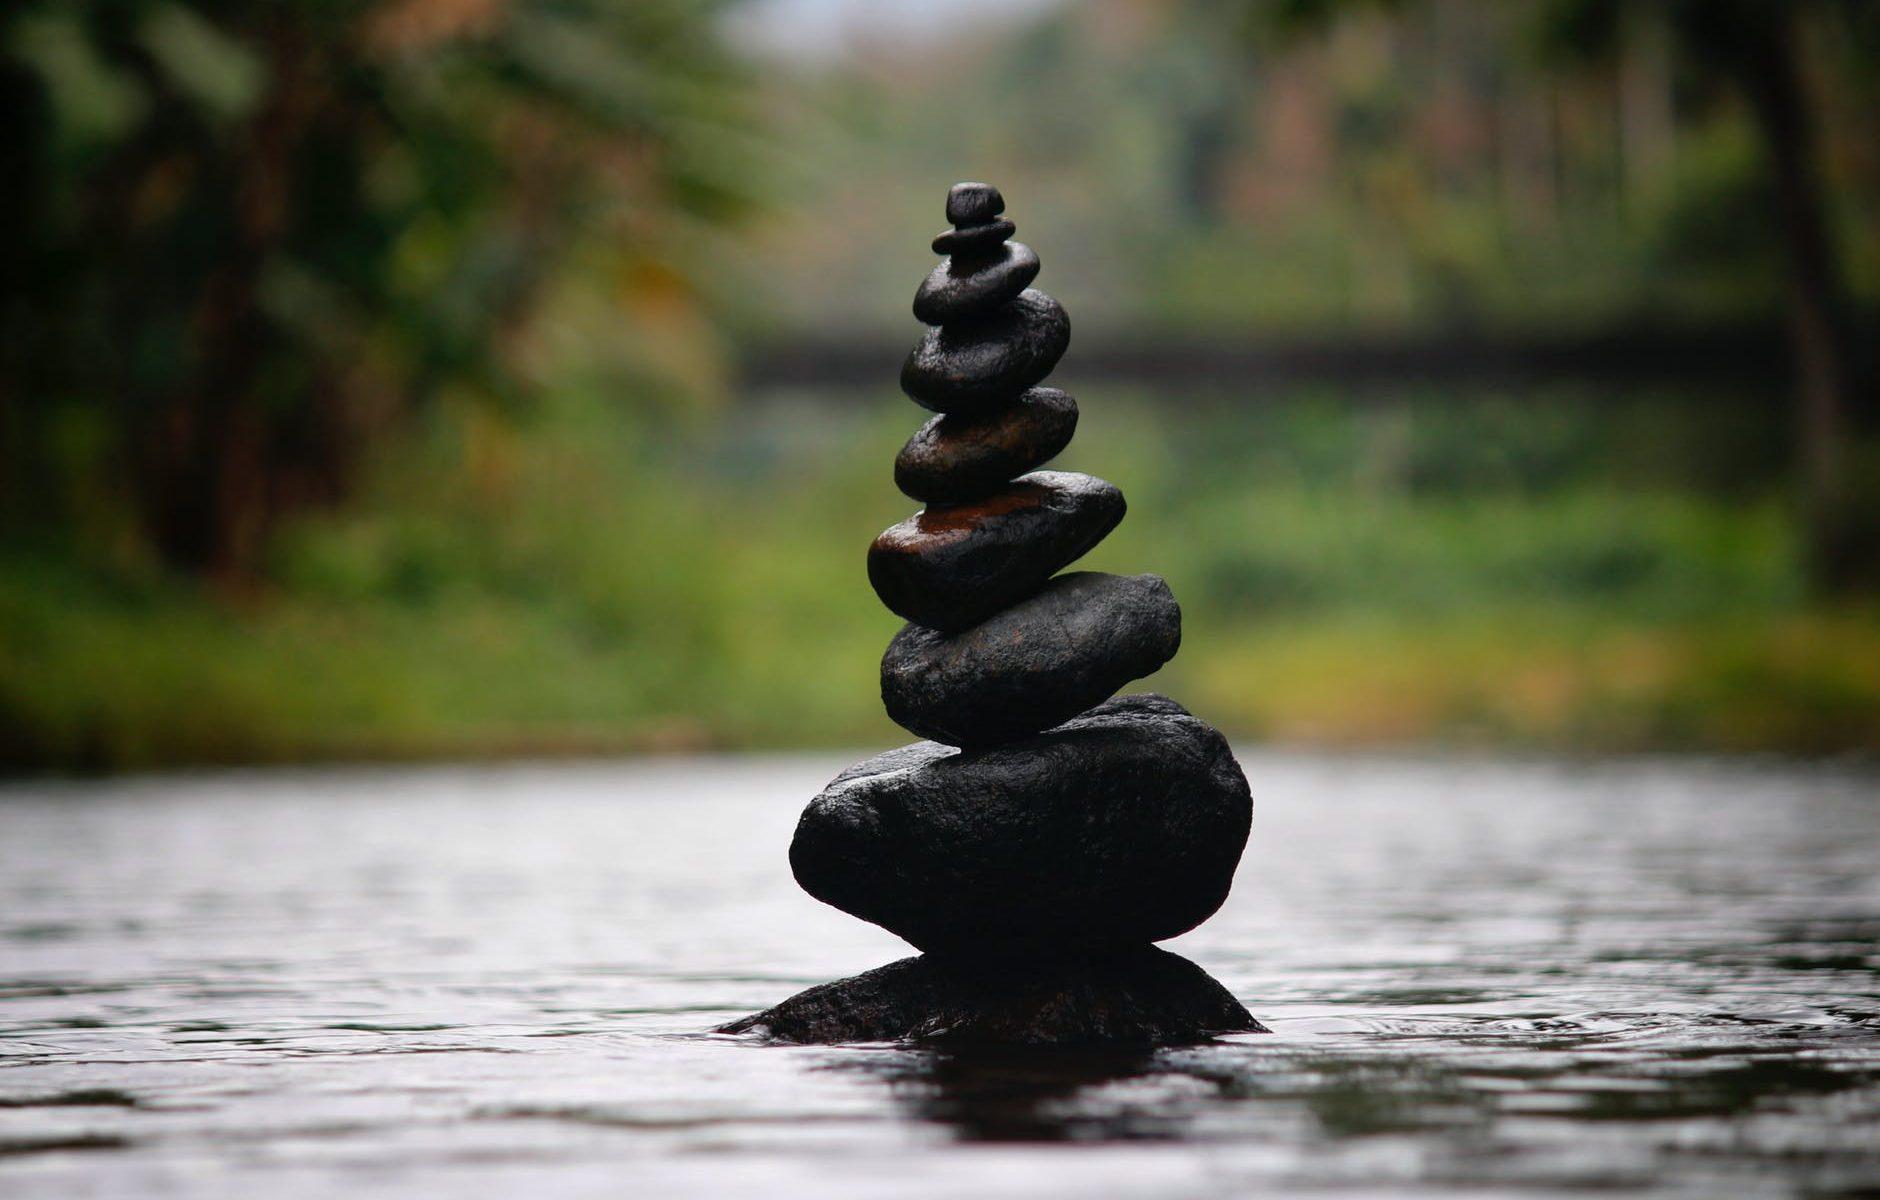 carin balance in river